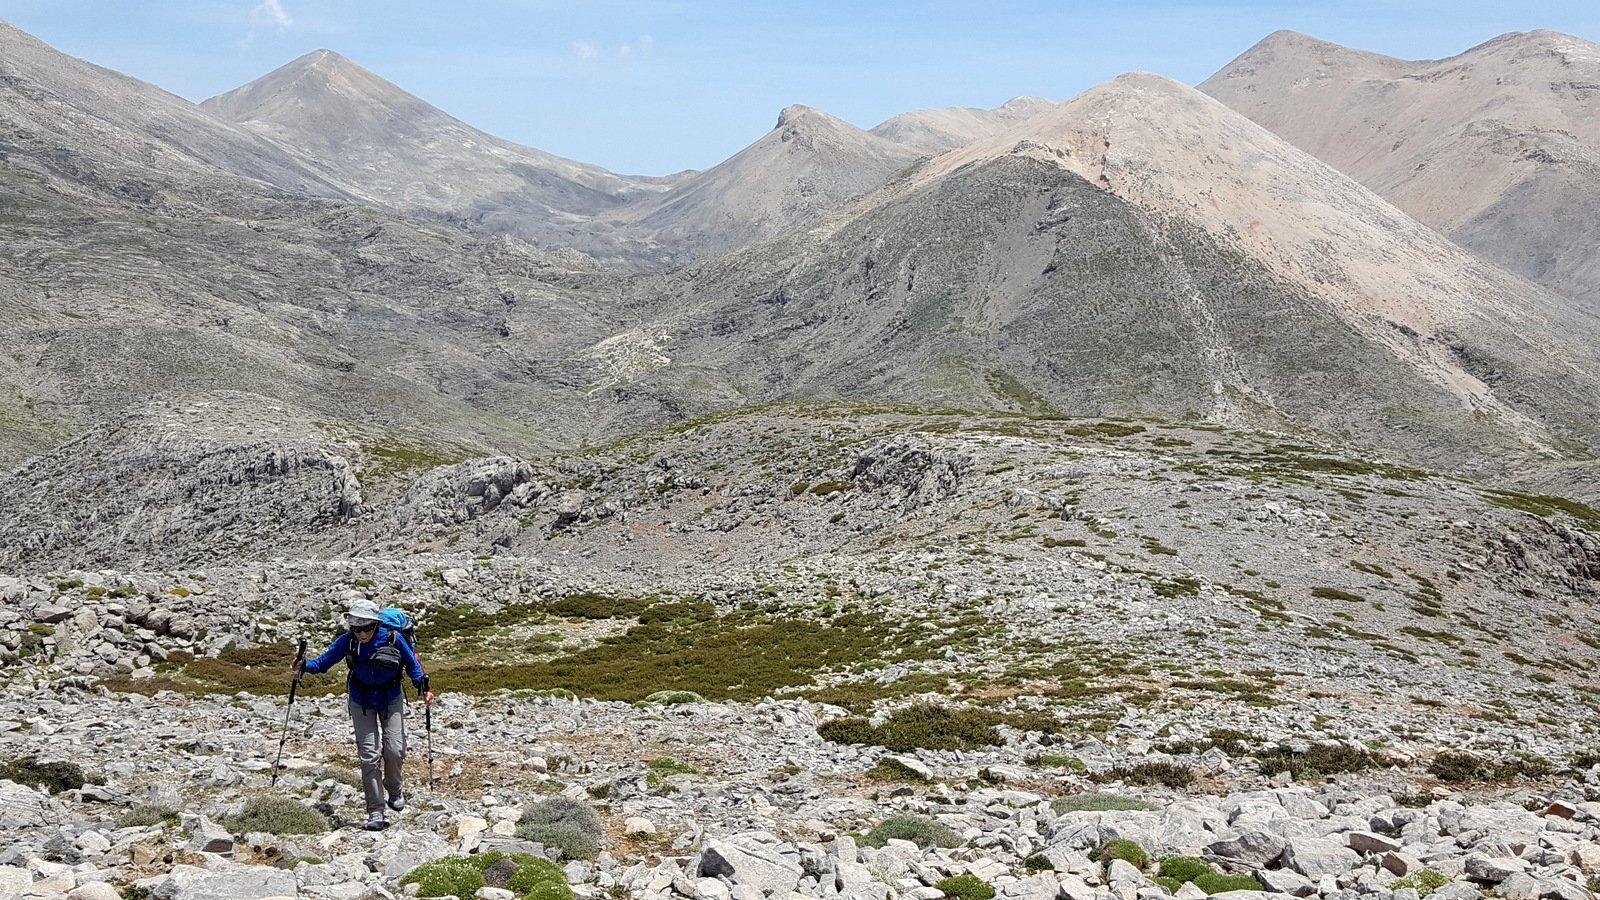 La risalita al Petradé, da sx a dx Mesa Soros, Zouridia con la cresta che porta alle Sternes, Modaki e Bournelos